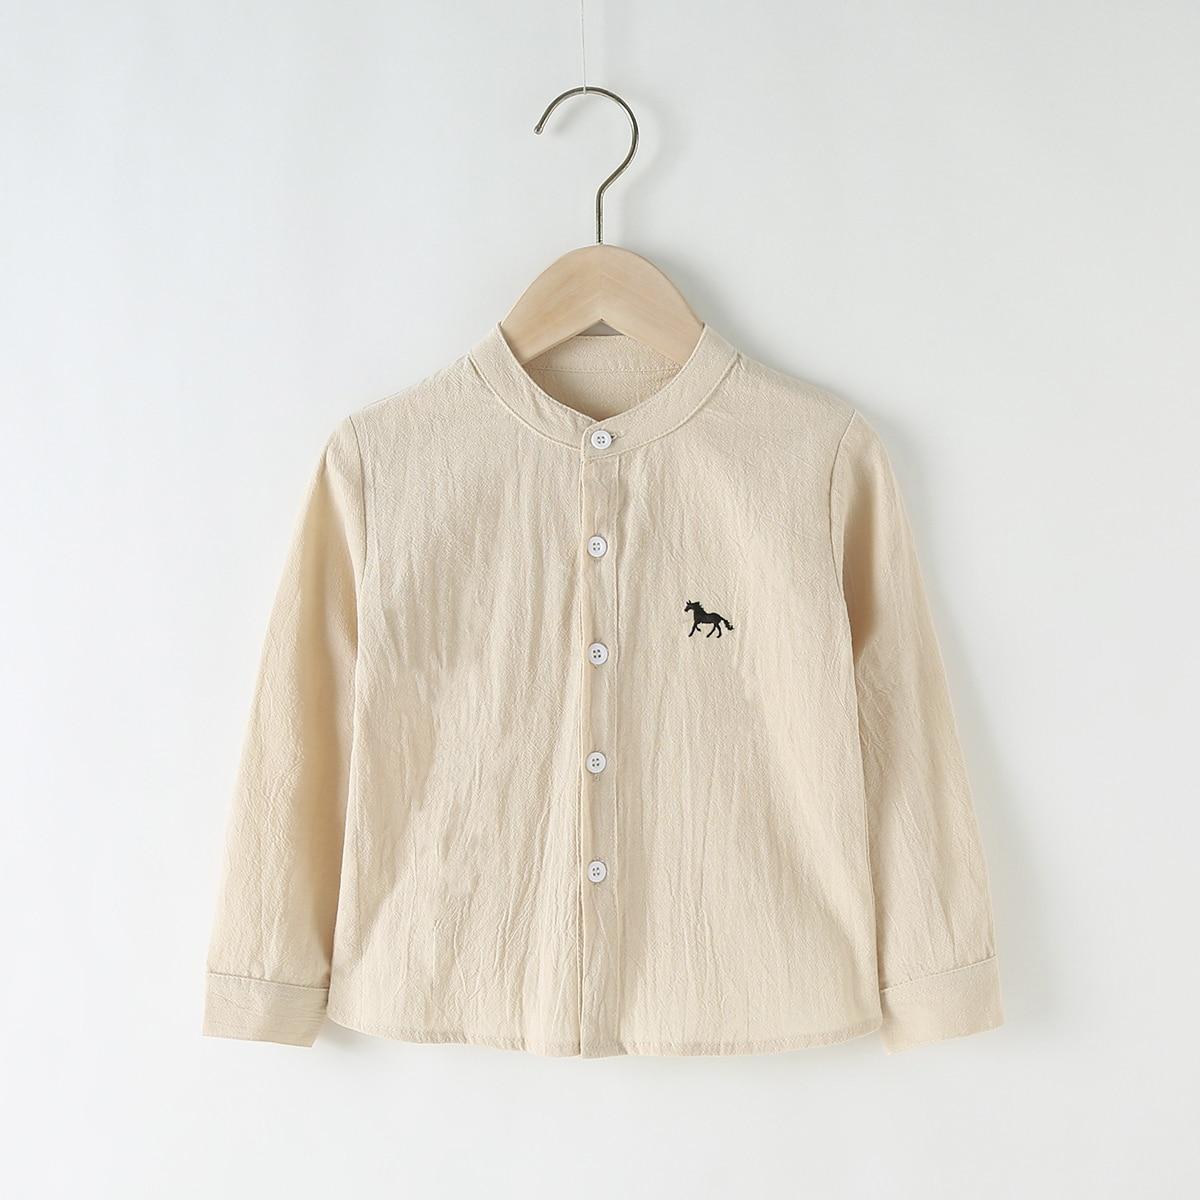 с вышивкой Пуговица Животный Повседневный Рубашки для мальчиков